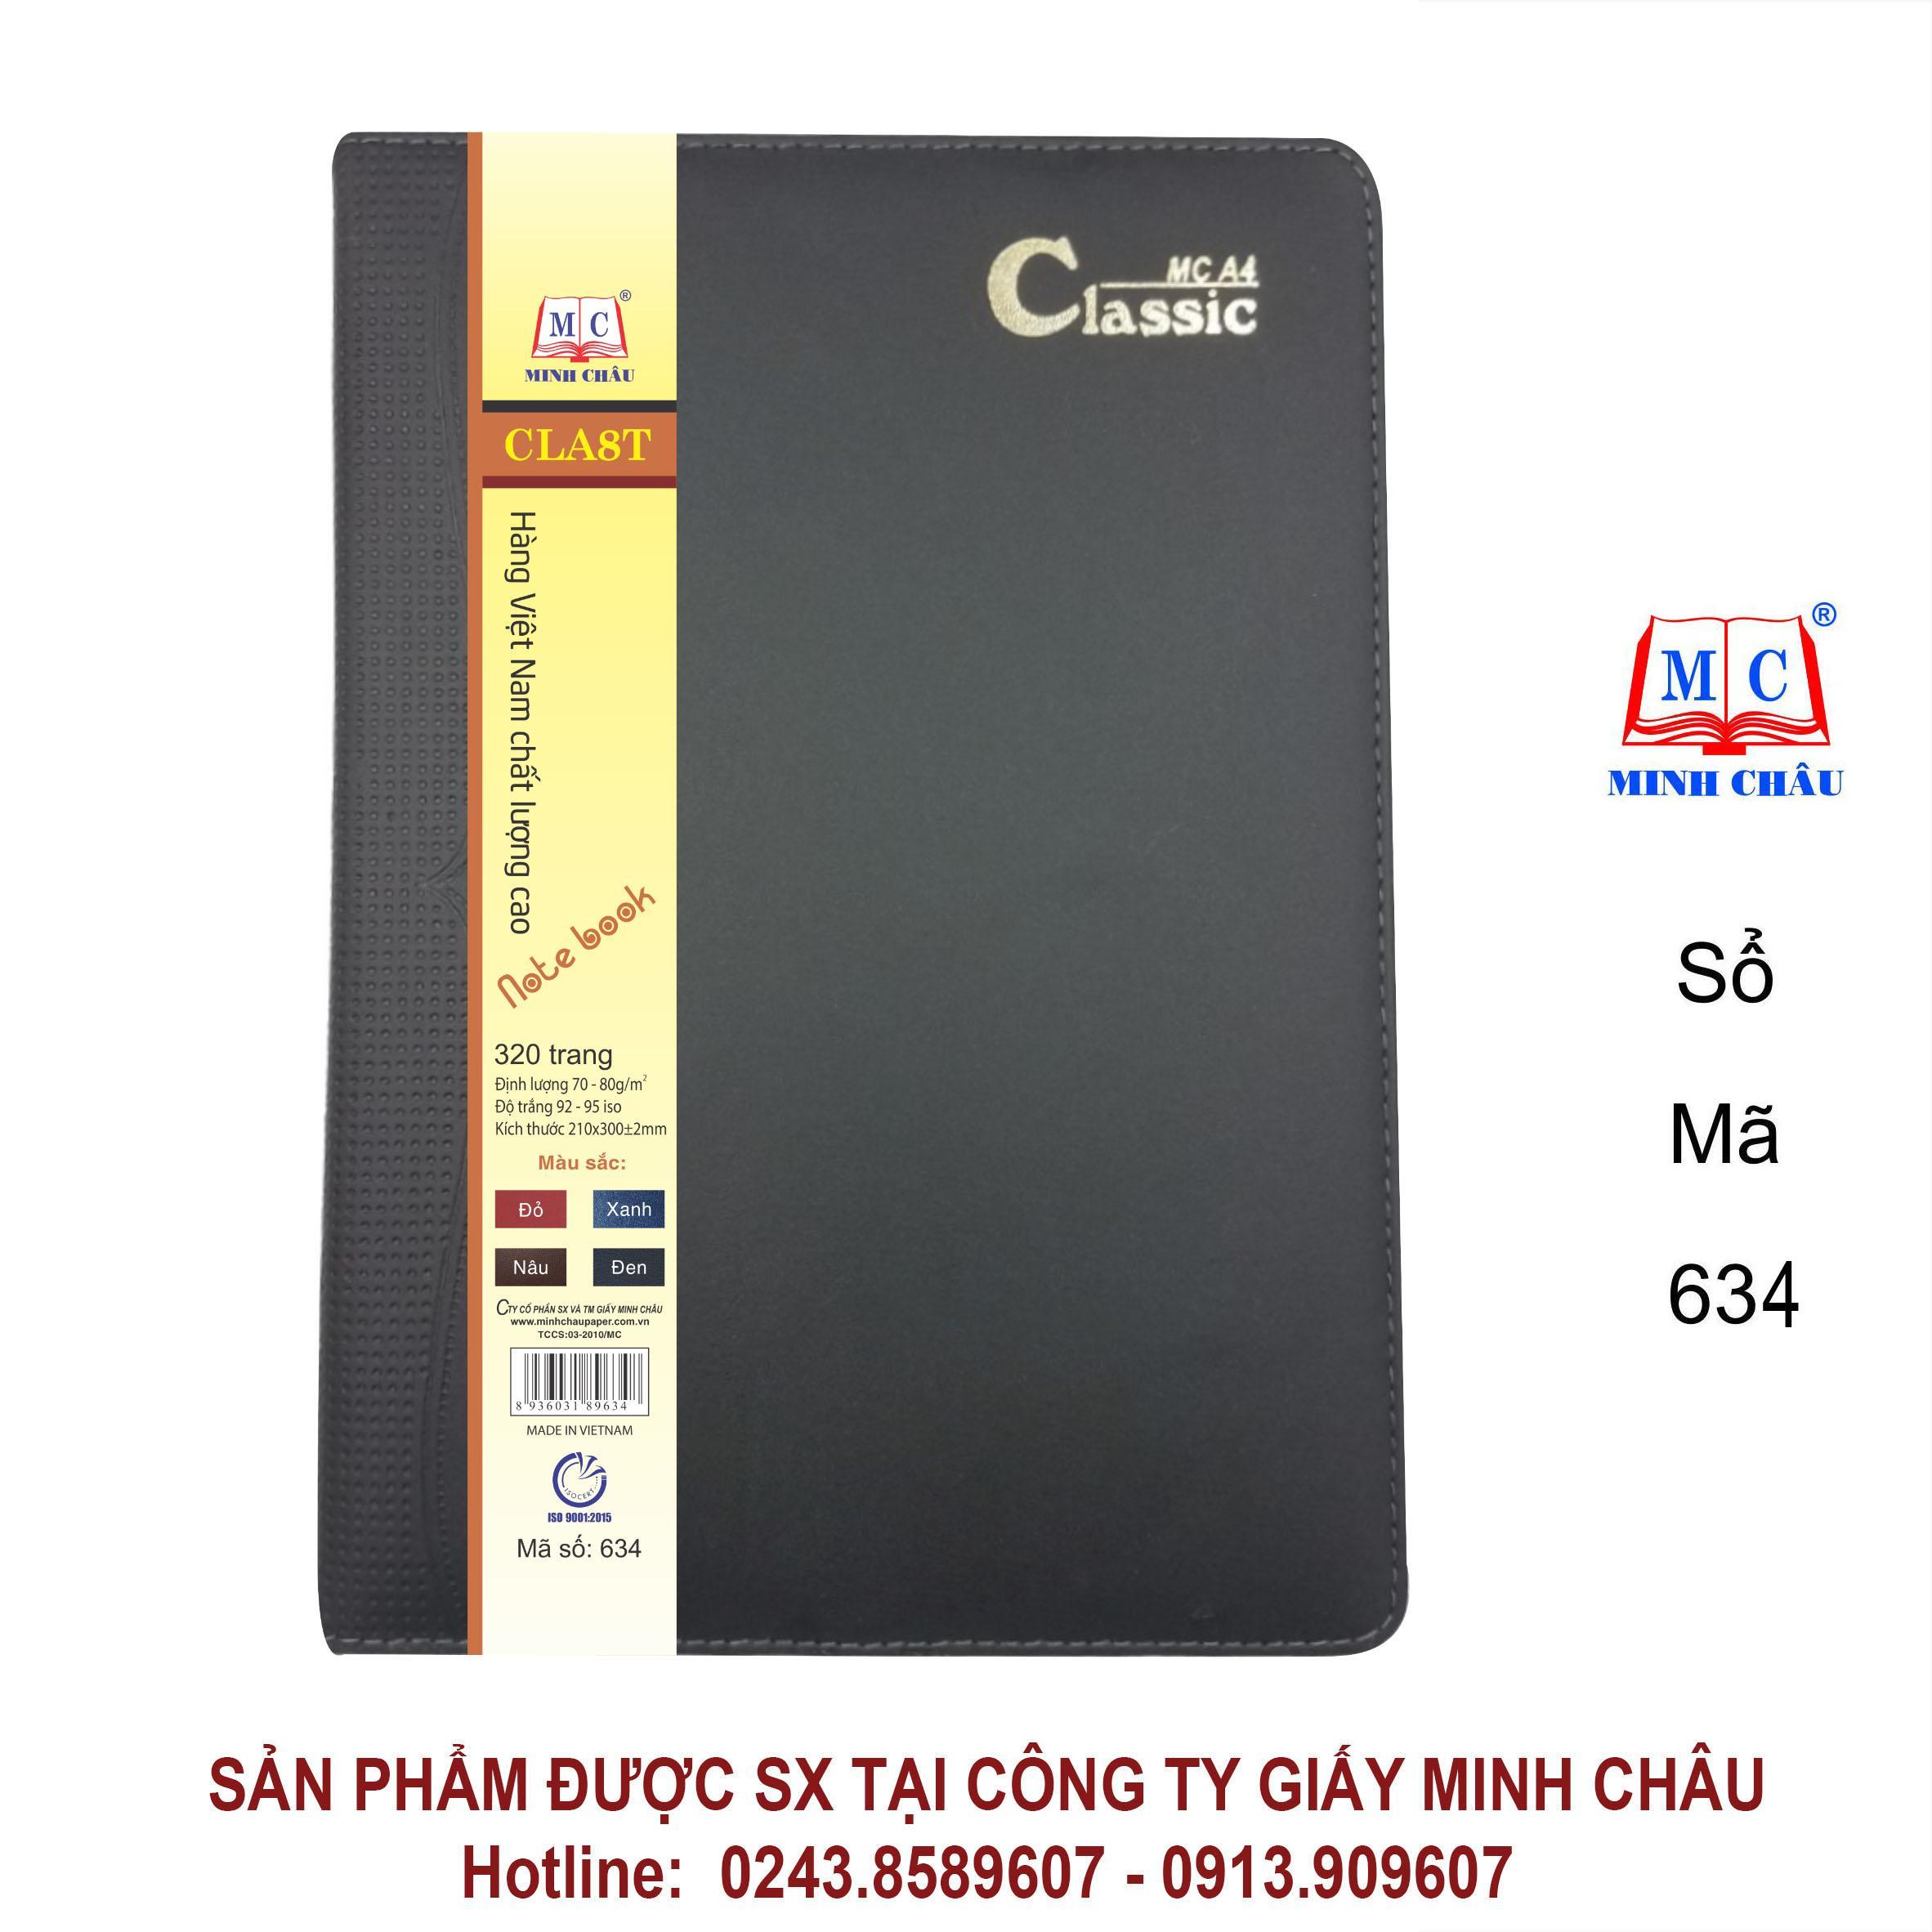 SỔ CLASSIC A4, MÀU ĐEN, đủ số trang